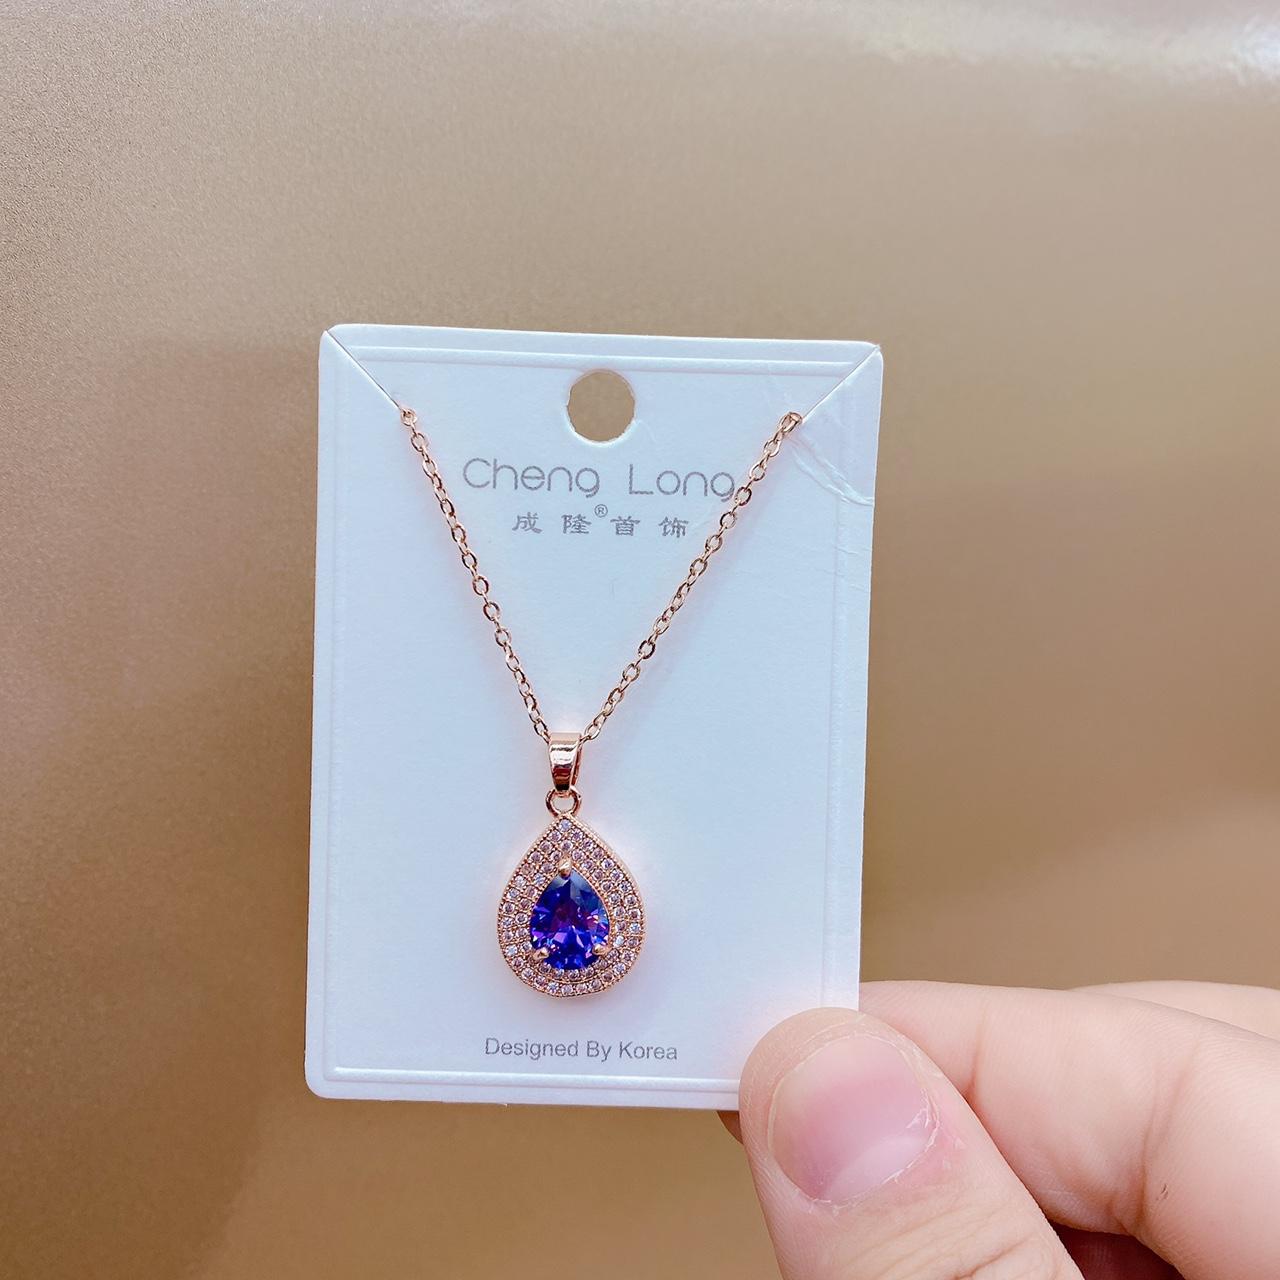 成隆首饰新款天水滴形吊坠纯银女镀玫瑰金特价C0607-45